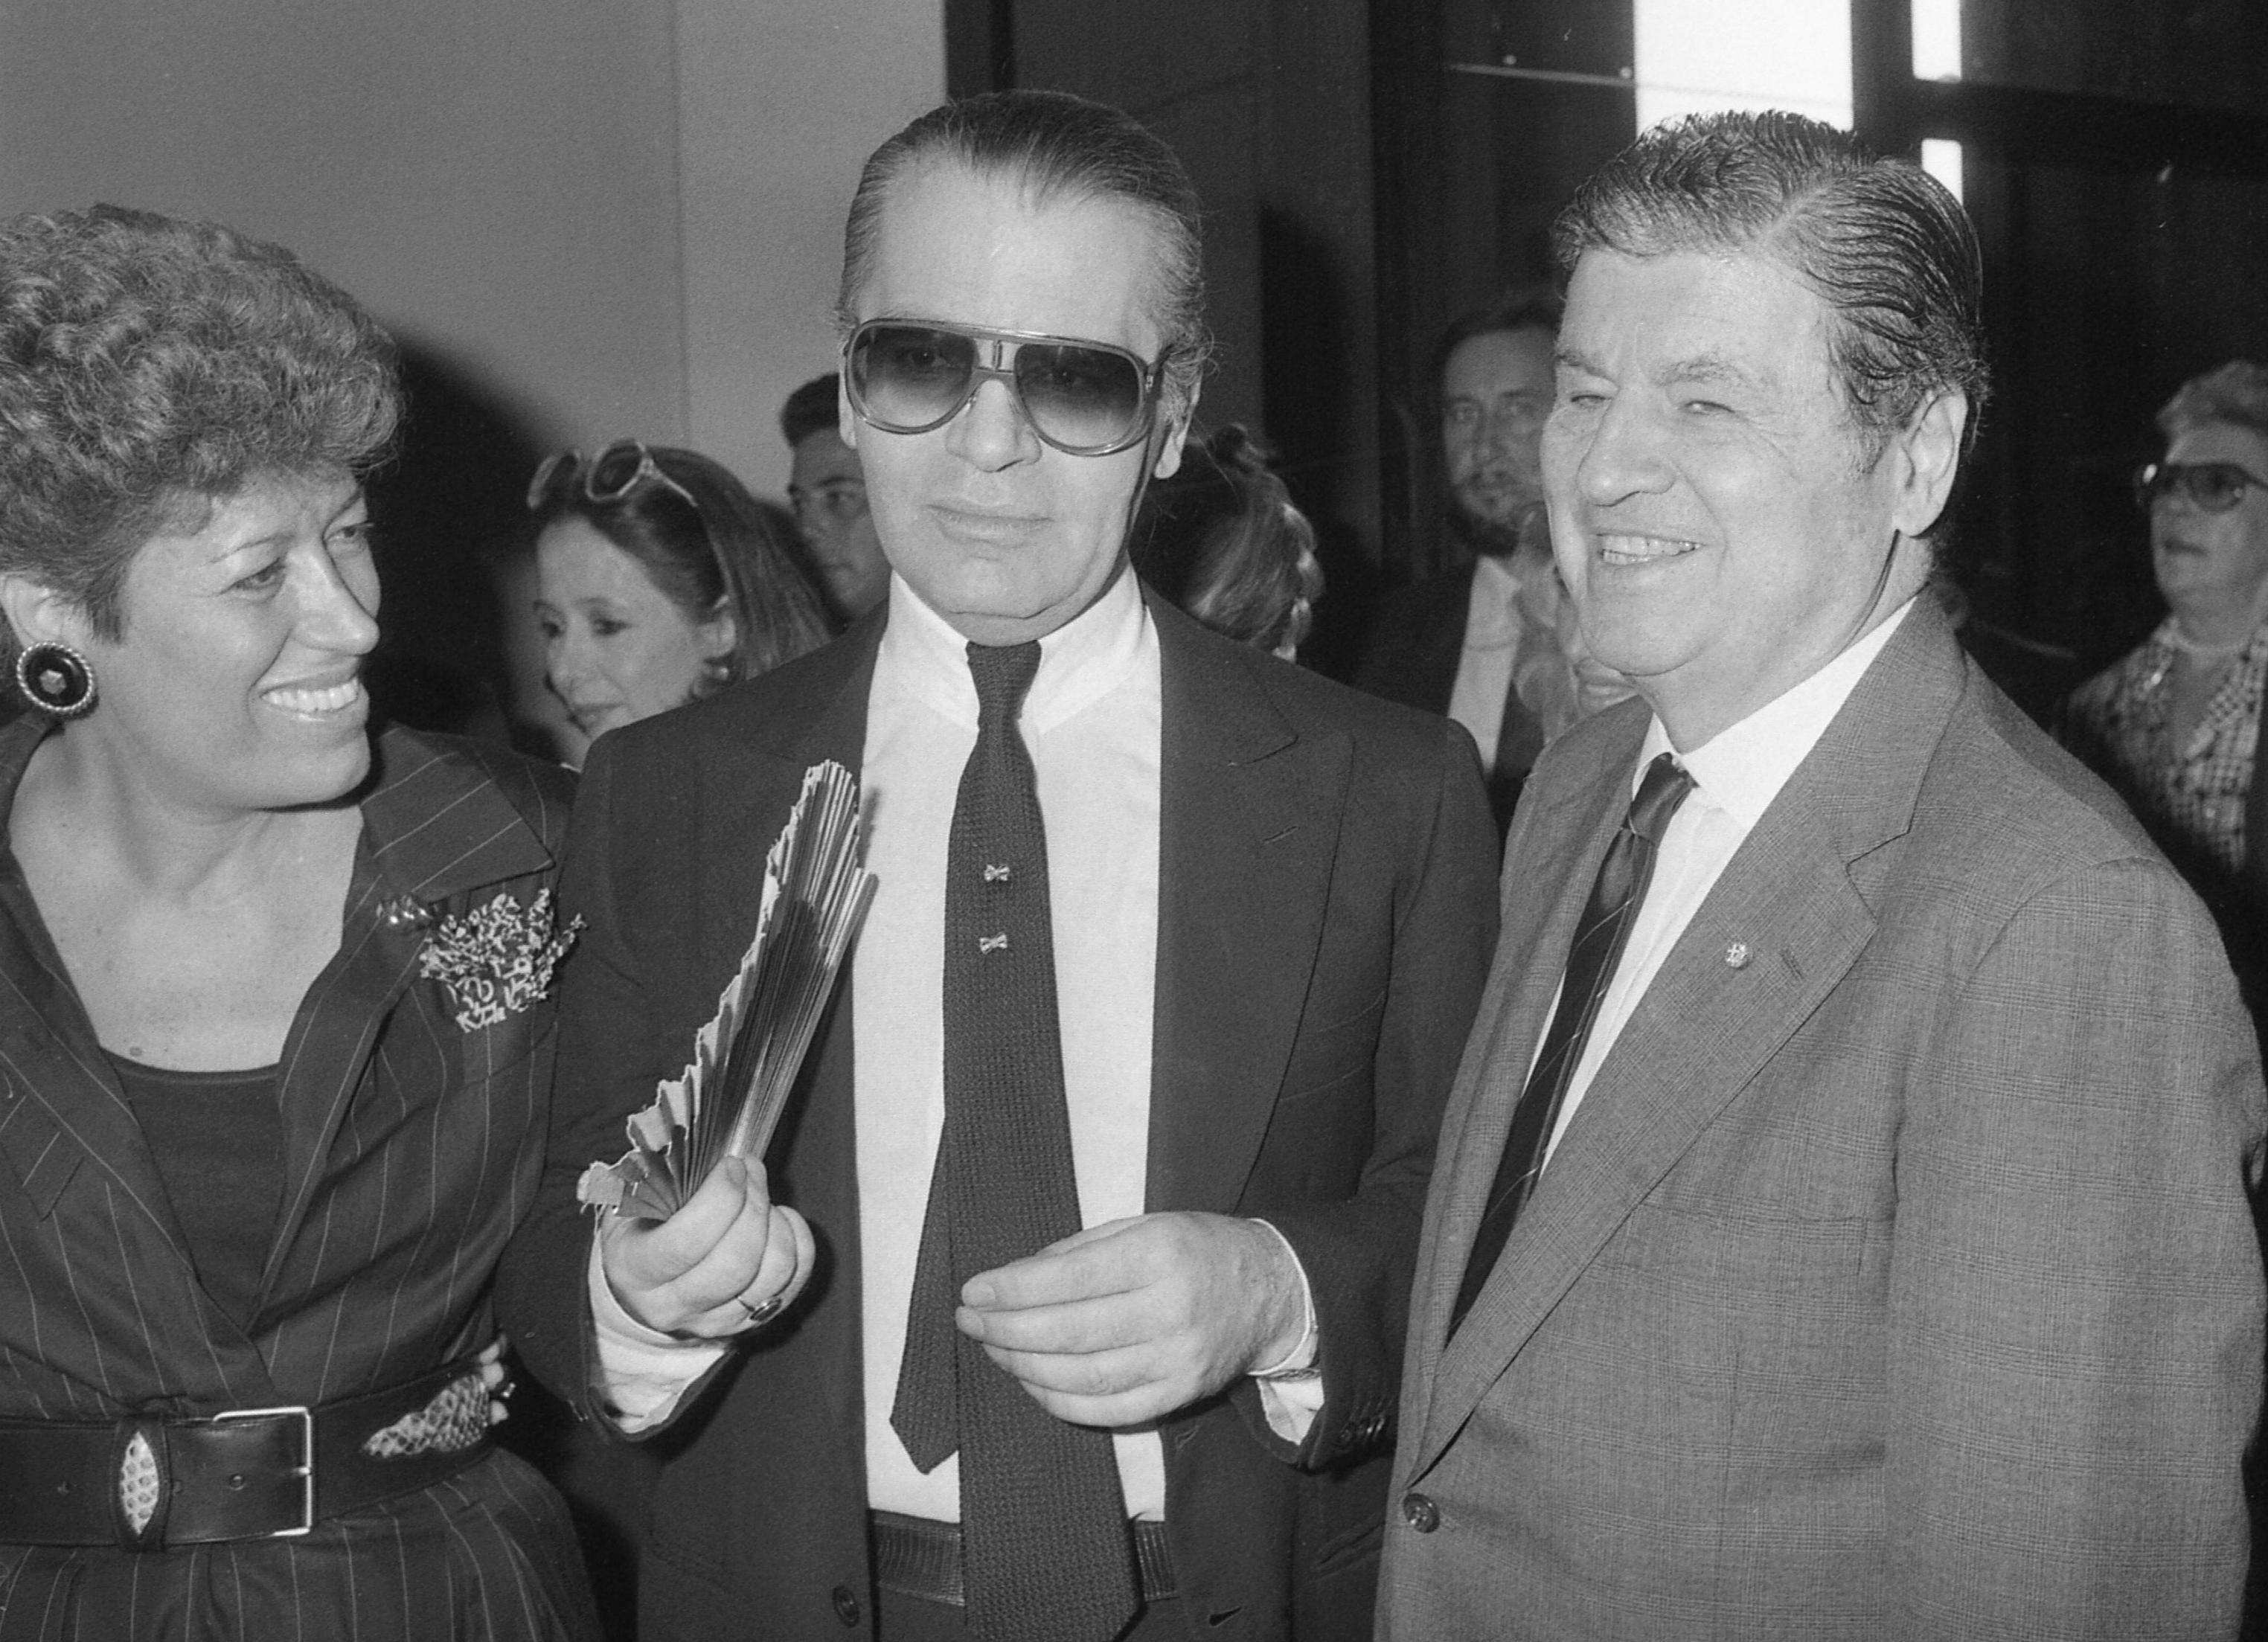 Carla Fendi, portavoz de la familia Fendi, Karl Lagerfeld y el embajador estadounidense, Maxwell Rabb, durante la apertura de una exhibición en la Galería Nacional de Arte Moderno en Roma en octubre de 1985. (AP)